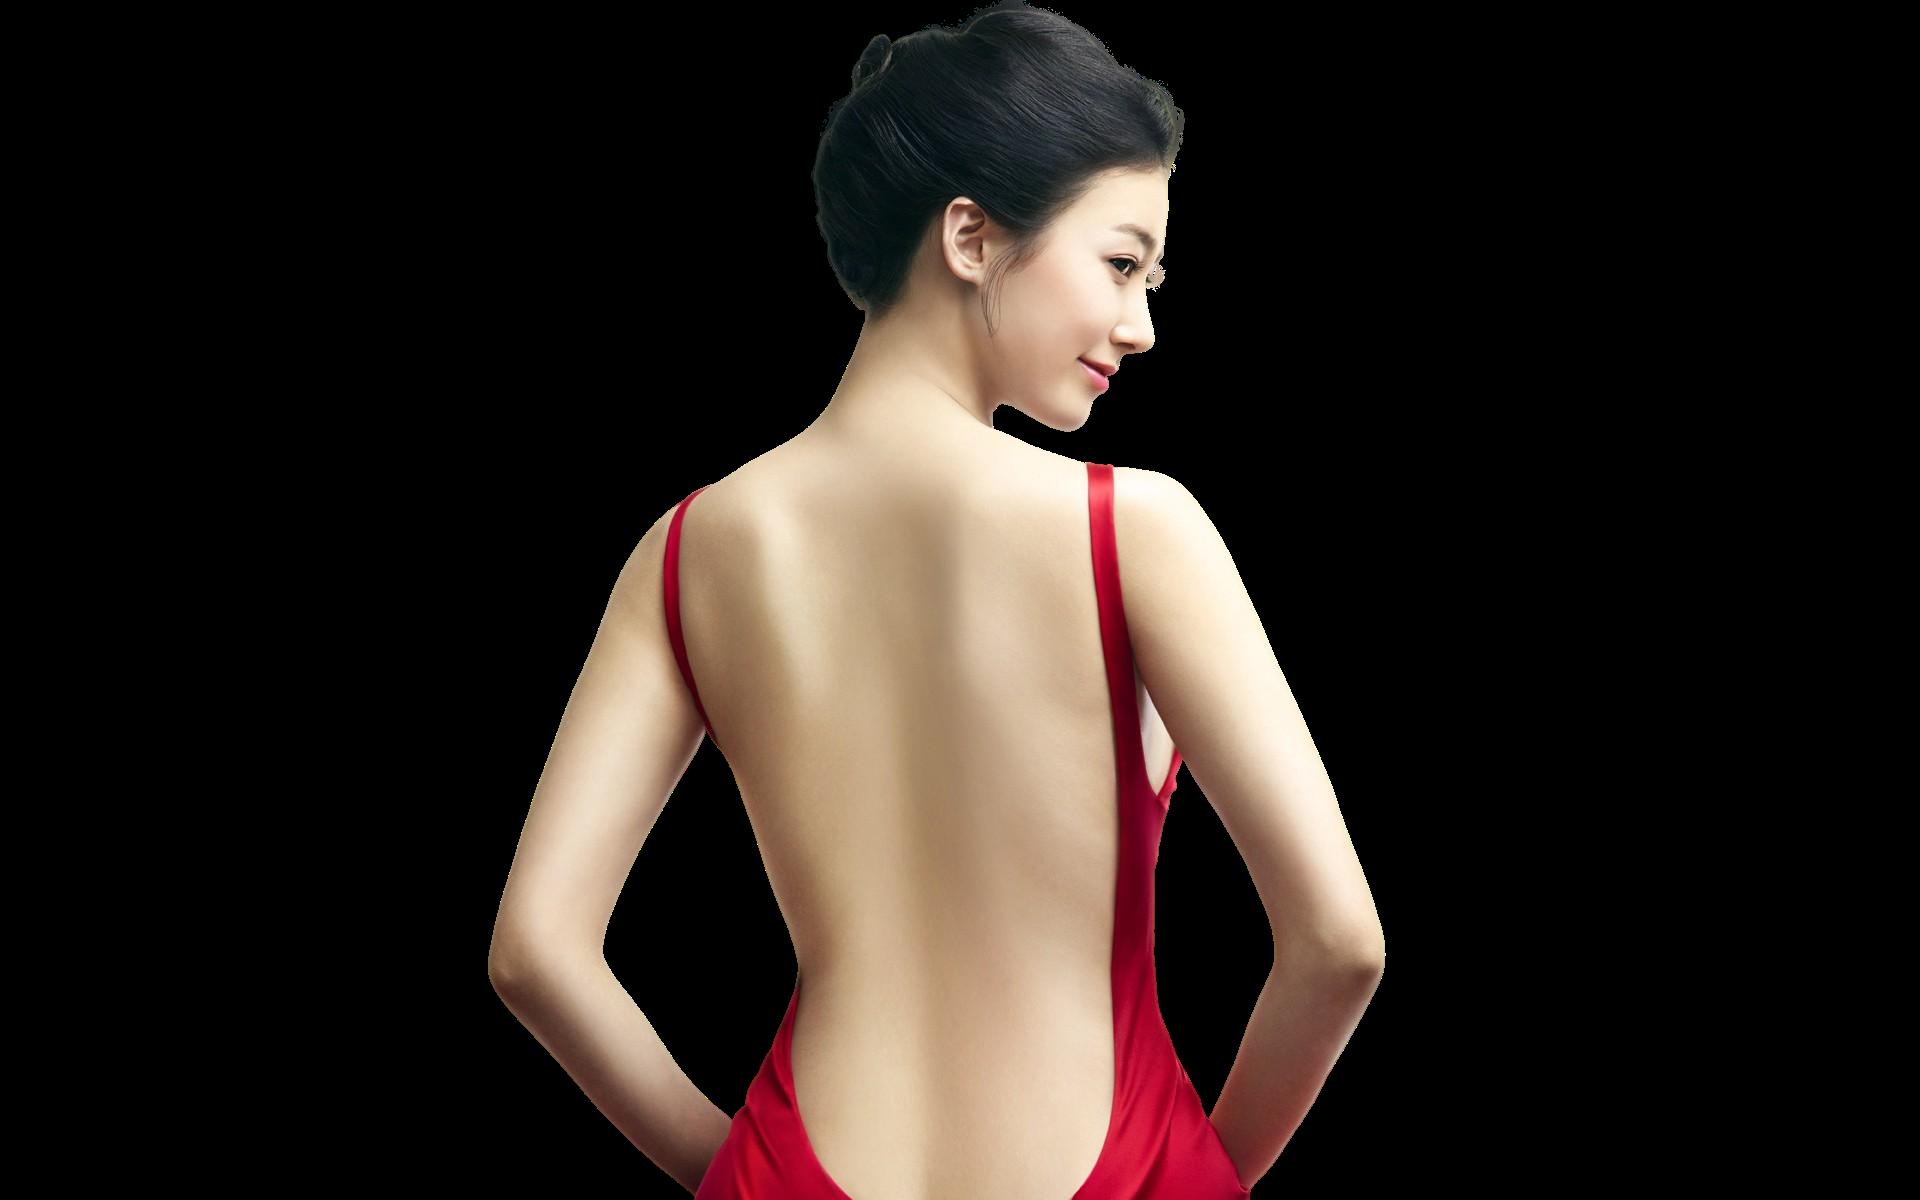 차현정_00-removebg.png